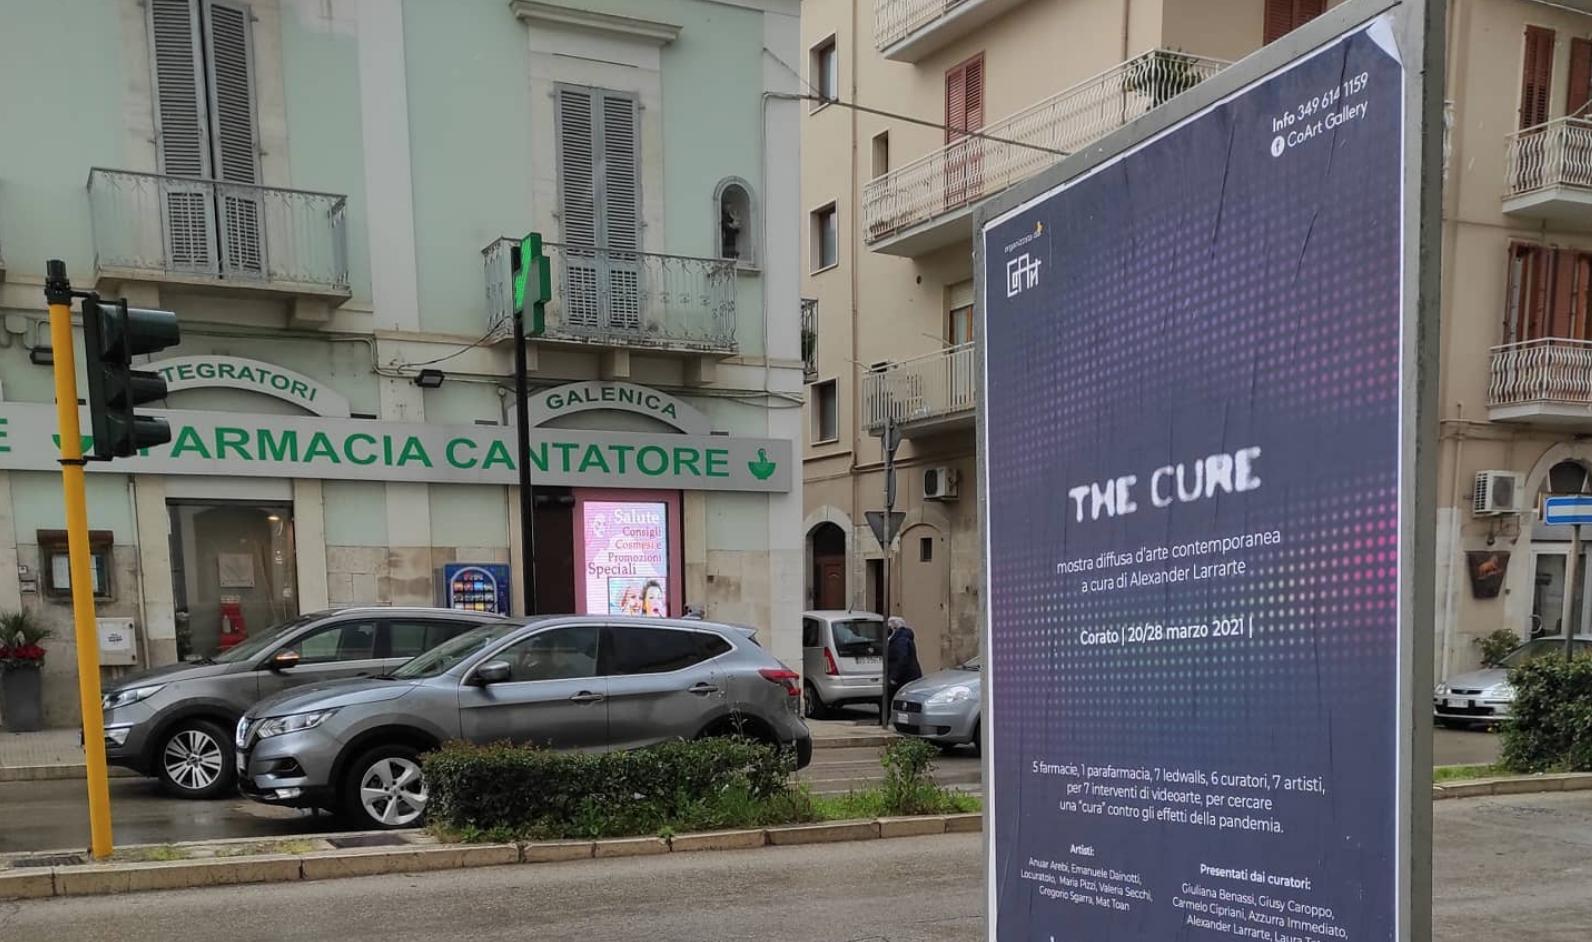 Arte in farmacia. In Puglia 7 artisti e 6 critici per il progetto The Cure